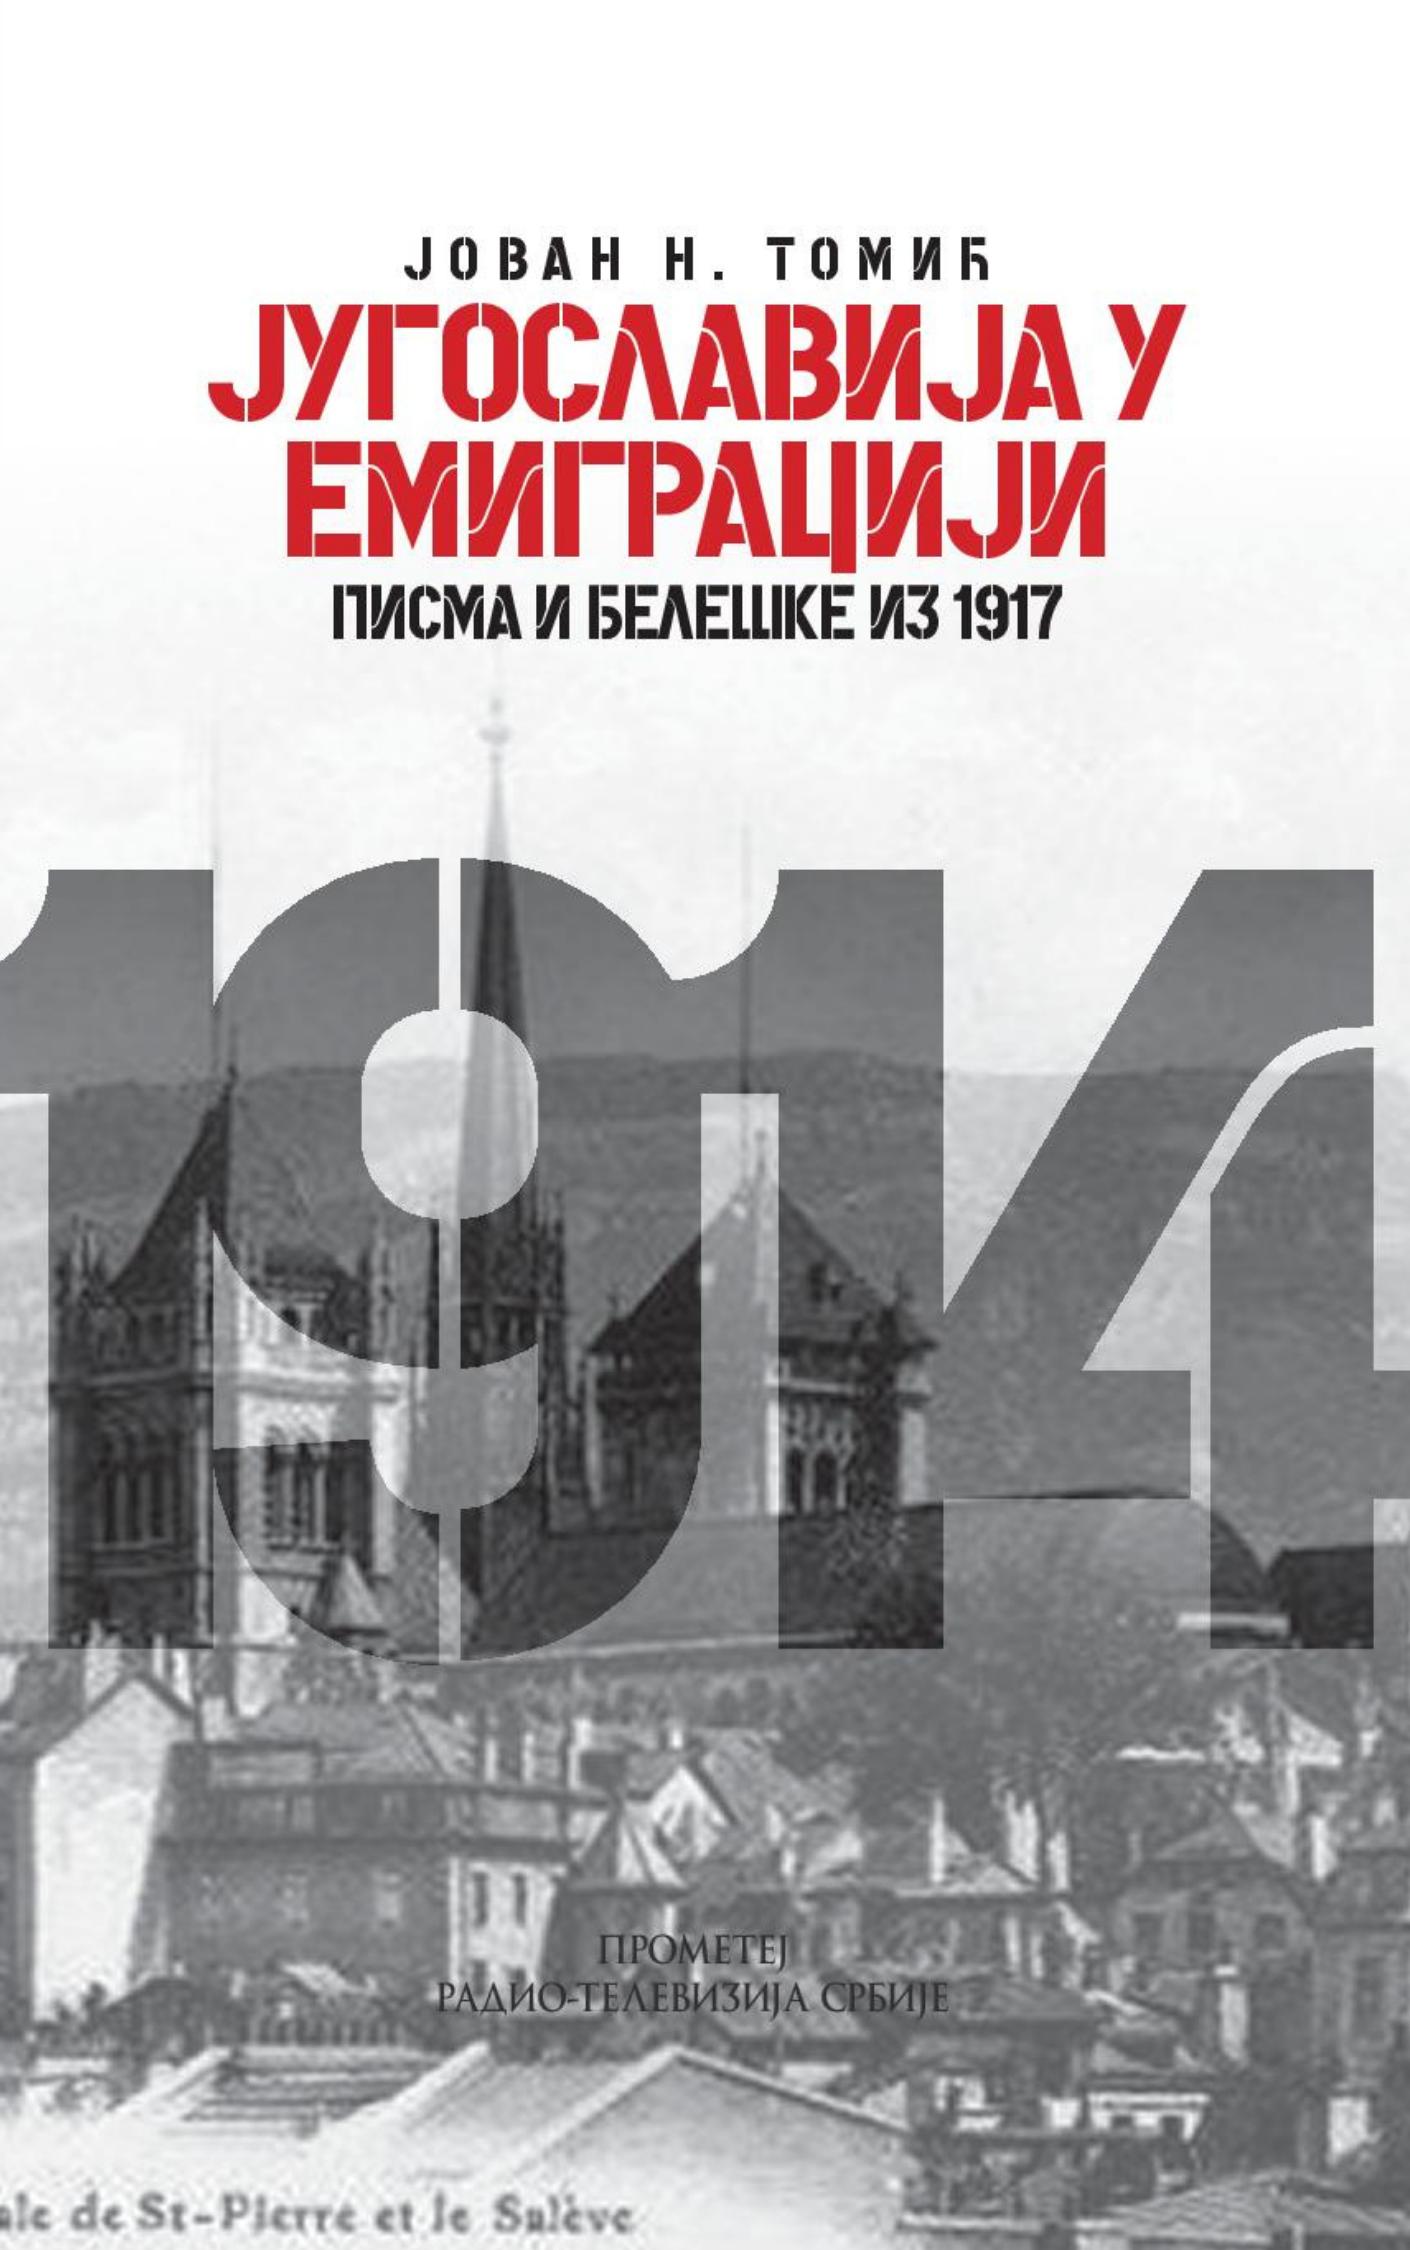 Југославија у емиграцији – писма и белешке из 1917.